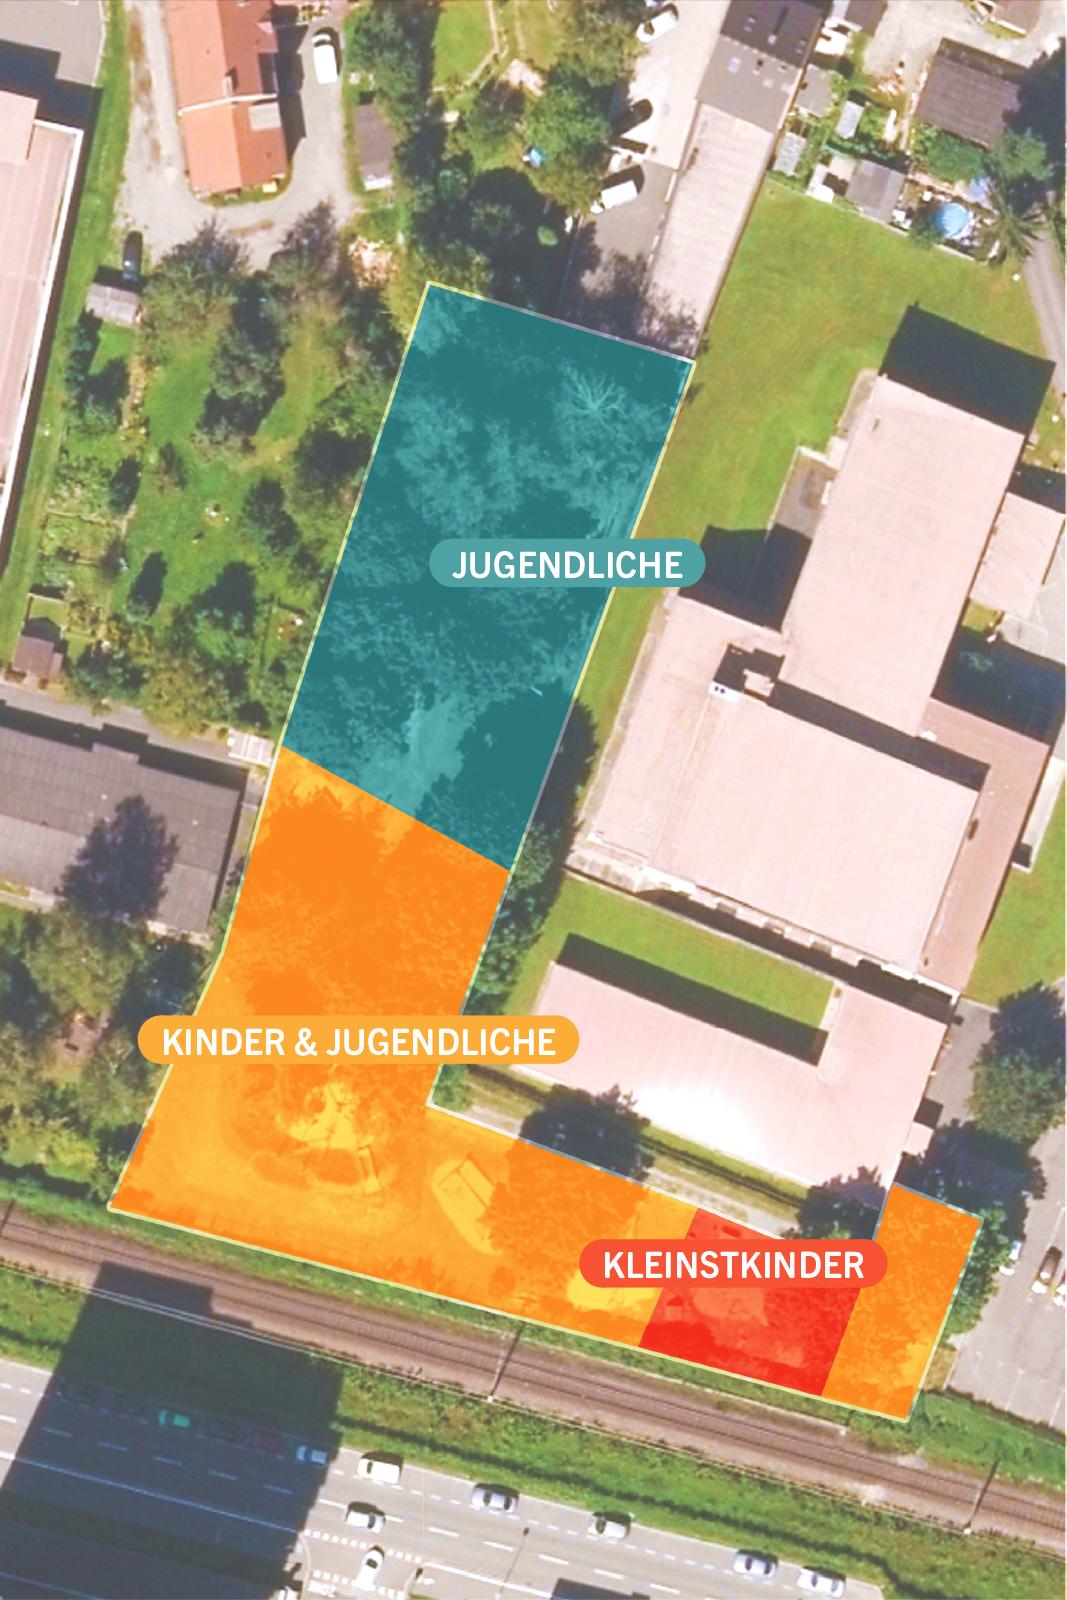 Plan vom Spielplatz Kammersäle in Leoben-Donawitz